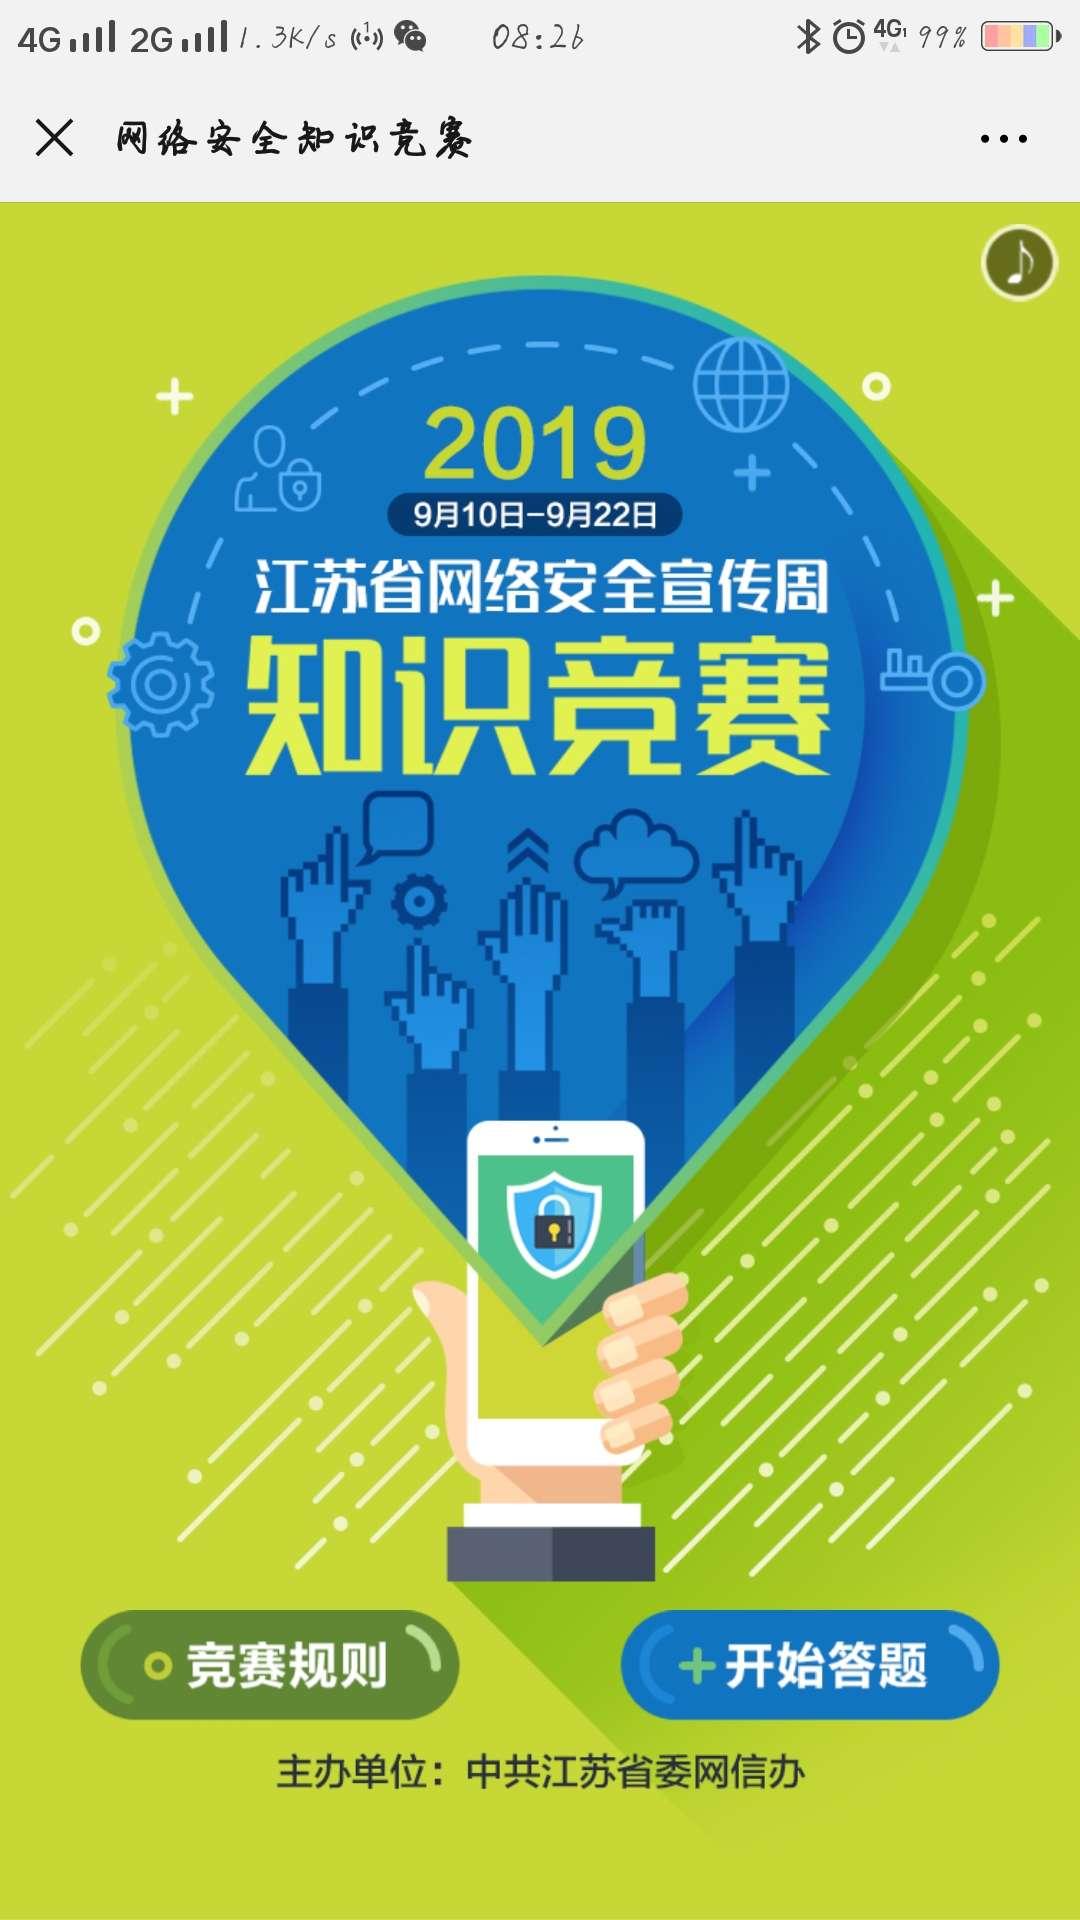 潇湘线报【现金红包】江苏网络安全宣传周知识竞赛-www.wcaqq.com